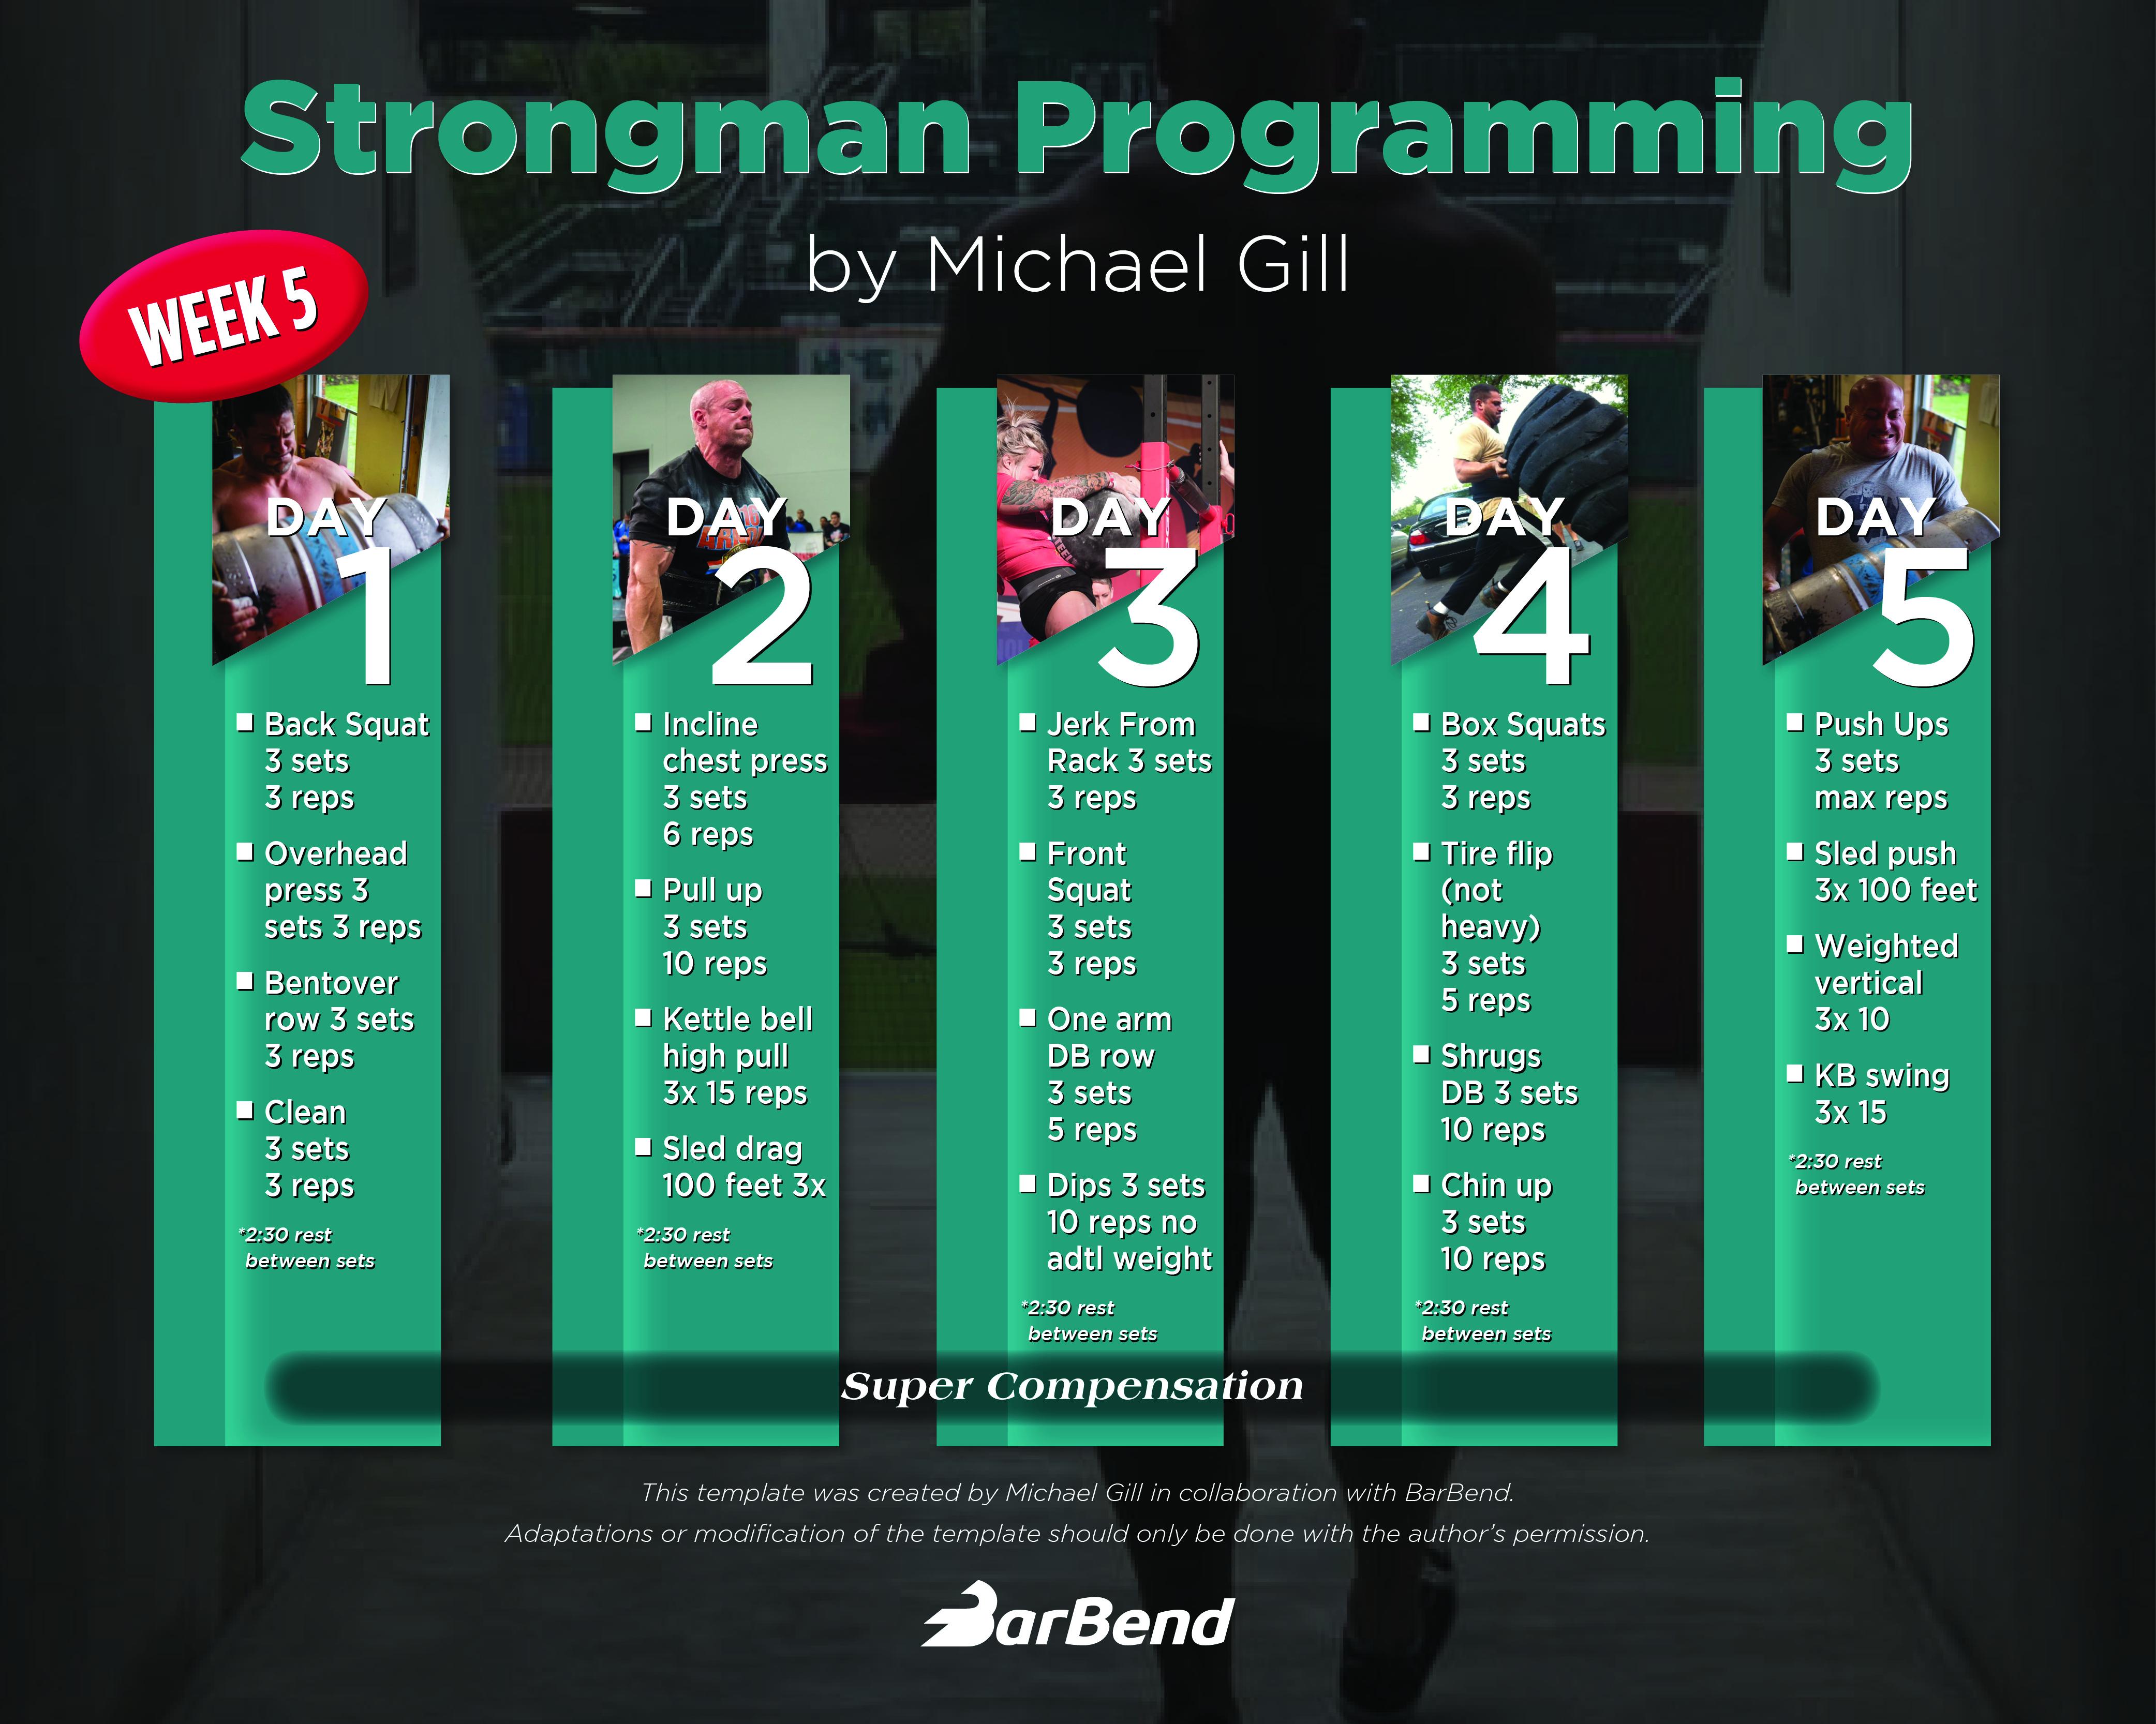 Strongman_Programming_Week5